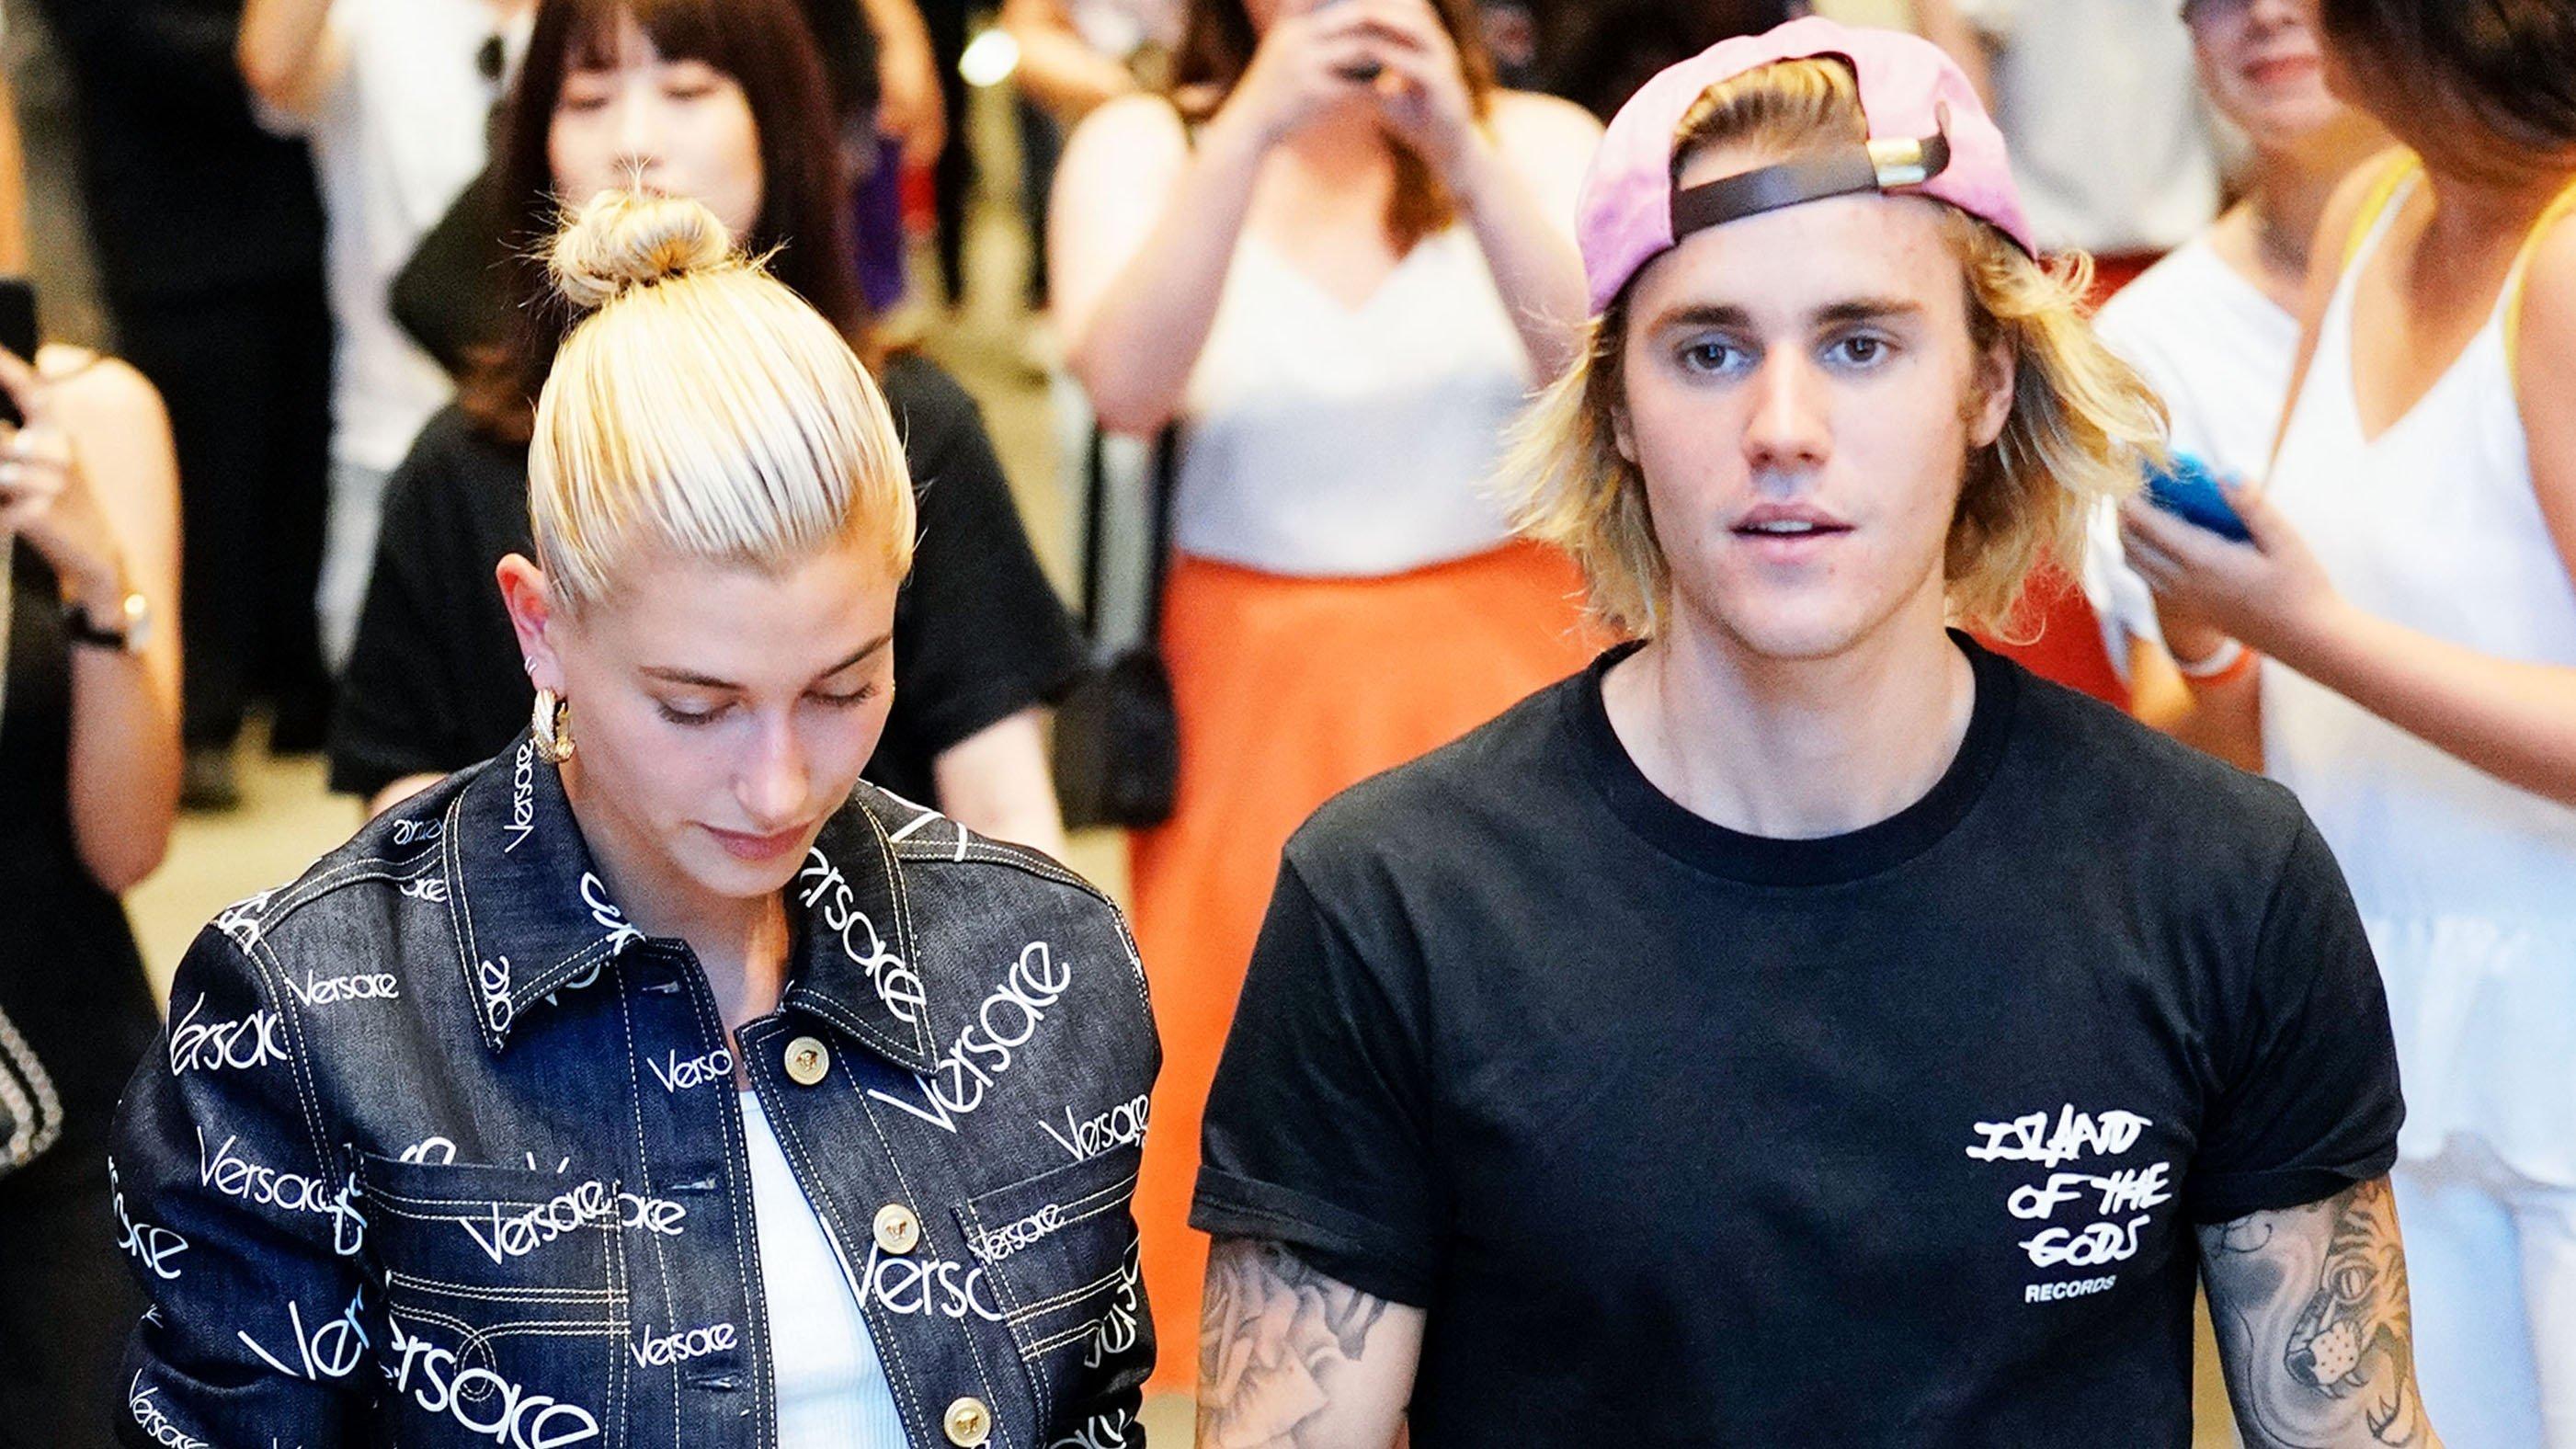 Justin Bieber and Hailey Baldwin in New York's Dumbo neighborhood on July 5.